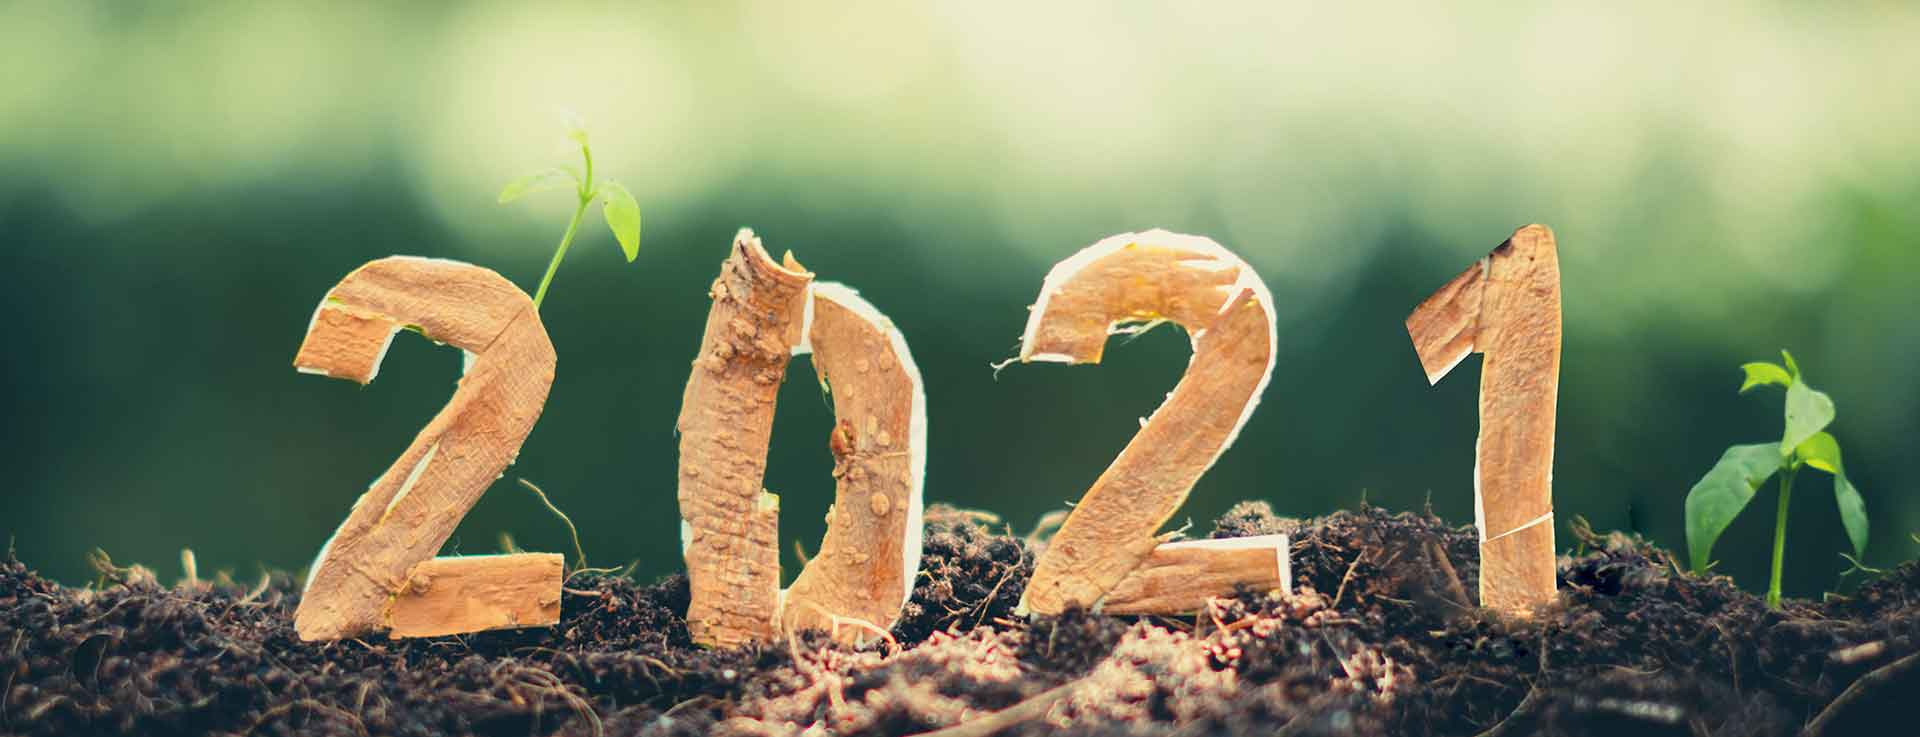 Umweltaktionen 2021